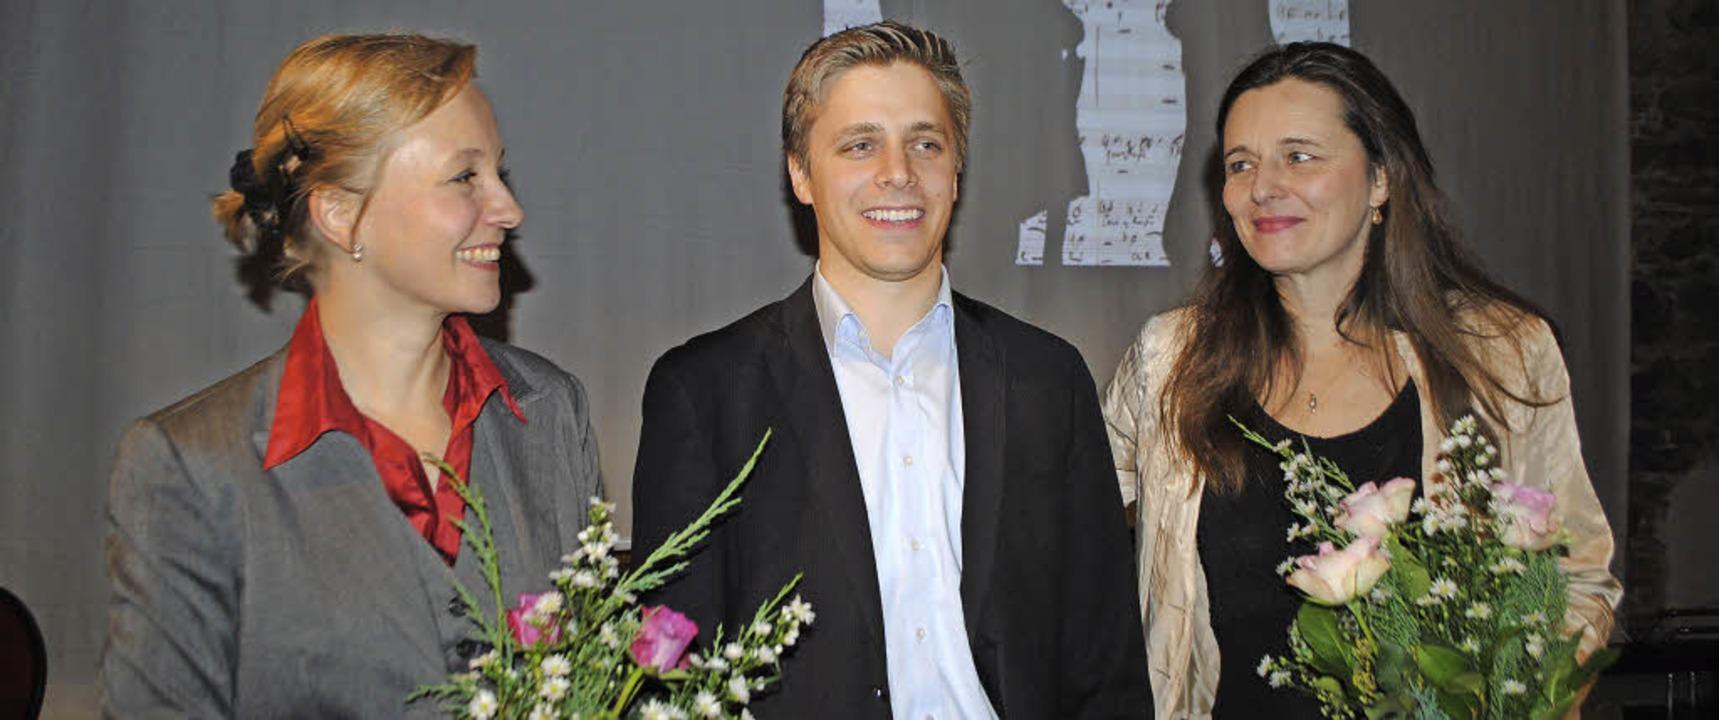 Schumann zum Klingen gebracht: Edda Gü...t Weigmann, Frauke Hofmann (von links)  | Foto: beatrice ehrlich